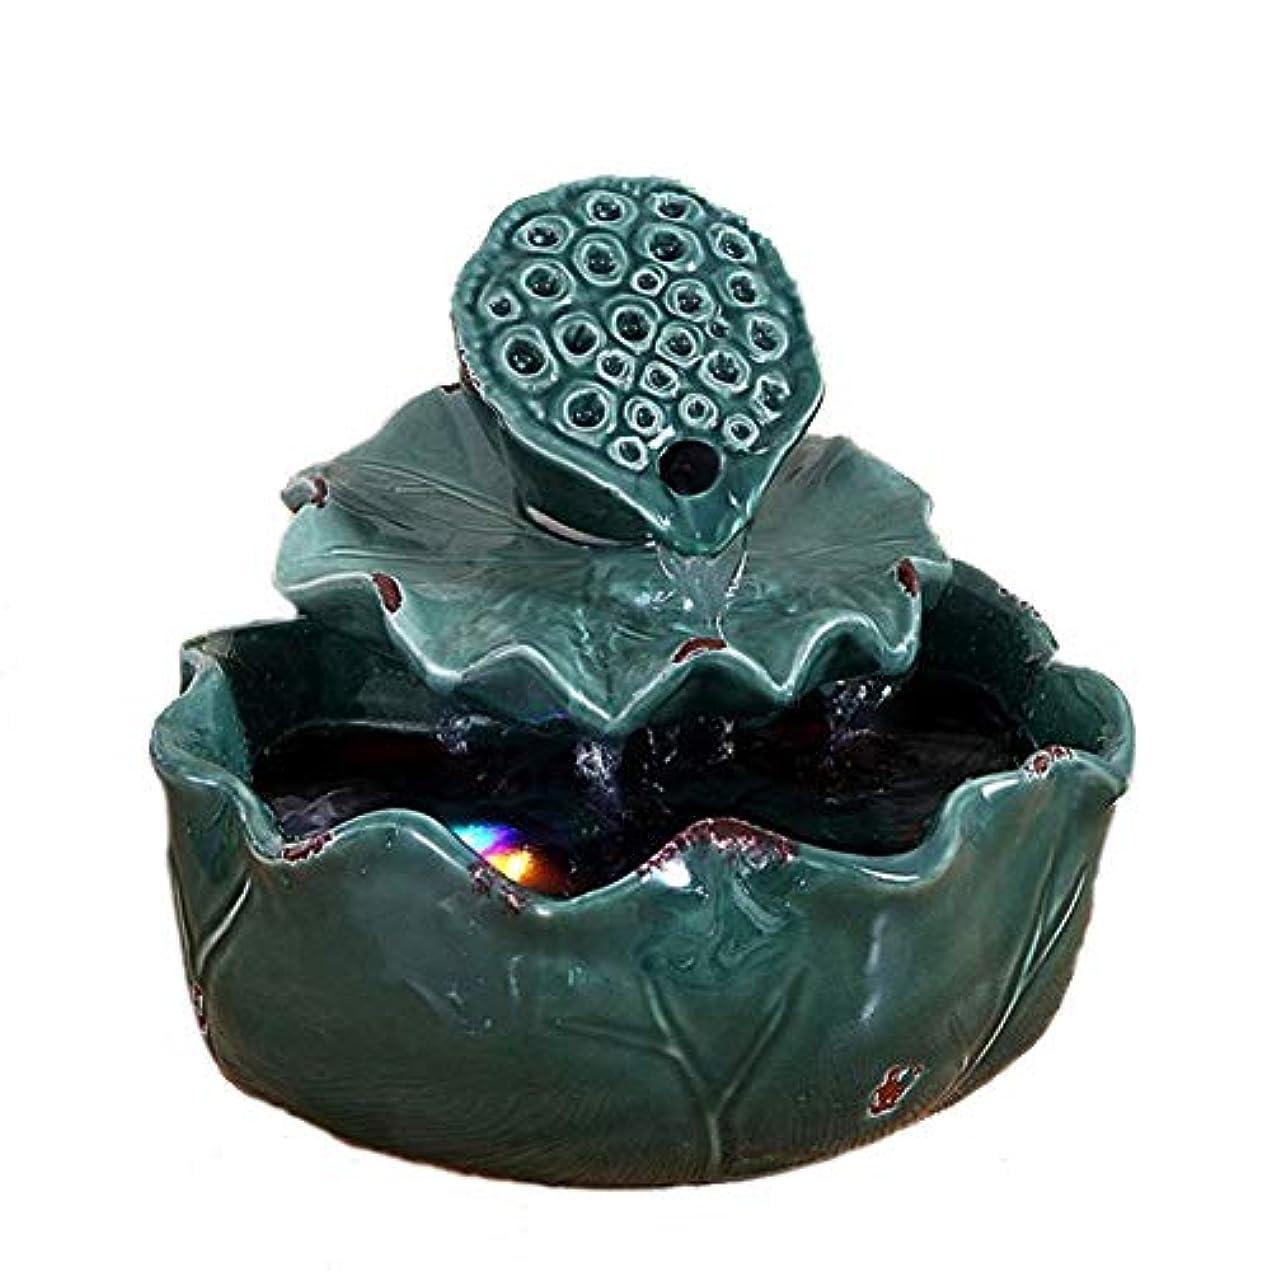 差シャー武装解除空気加湿器クリエイティブロータス卓上装飾装飾セラミック工芸絶妙なギフト